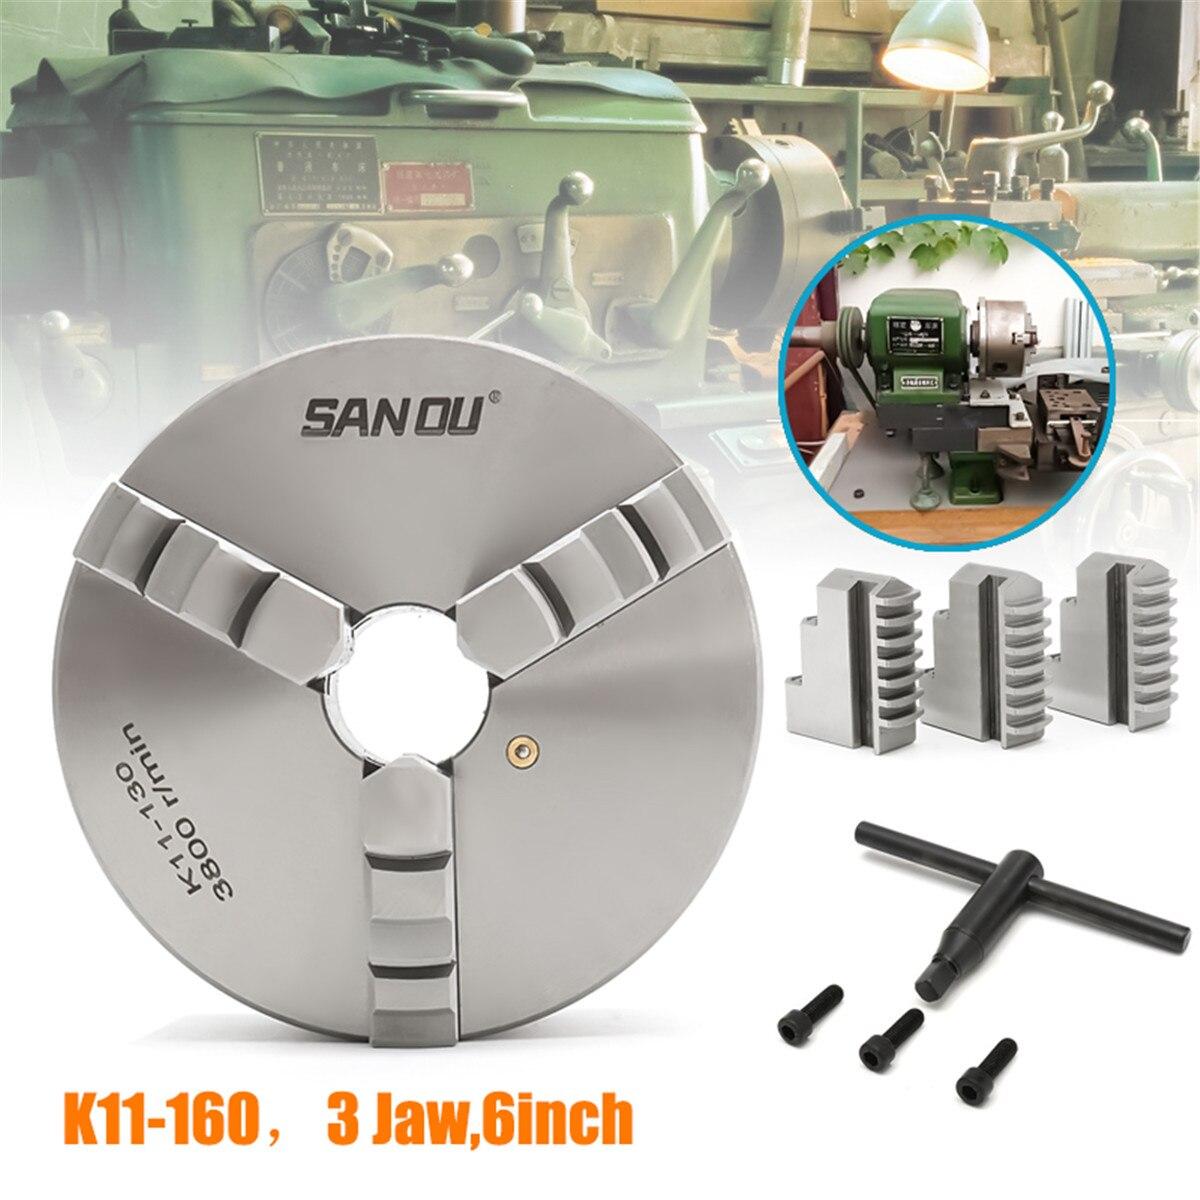 Mandrin de défilement de tour à 3 mâchoires auto centrage durci pour les outils de pliage du sud K11-130